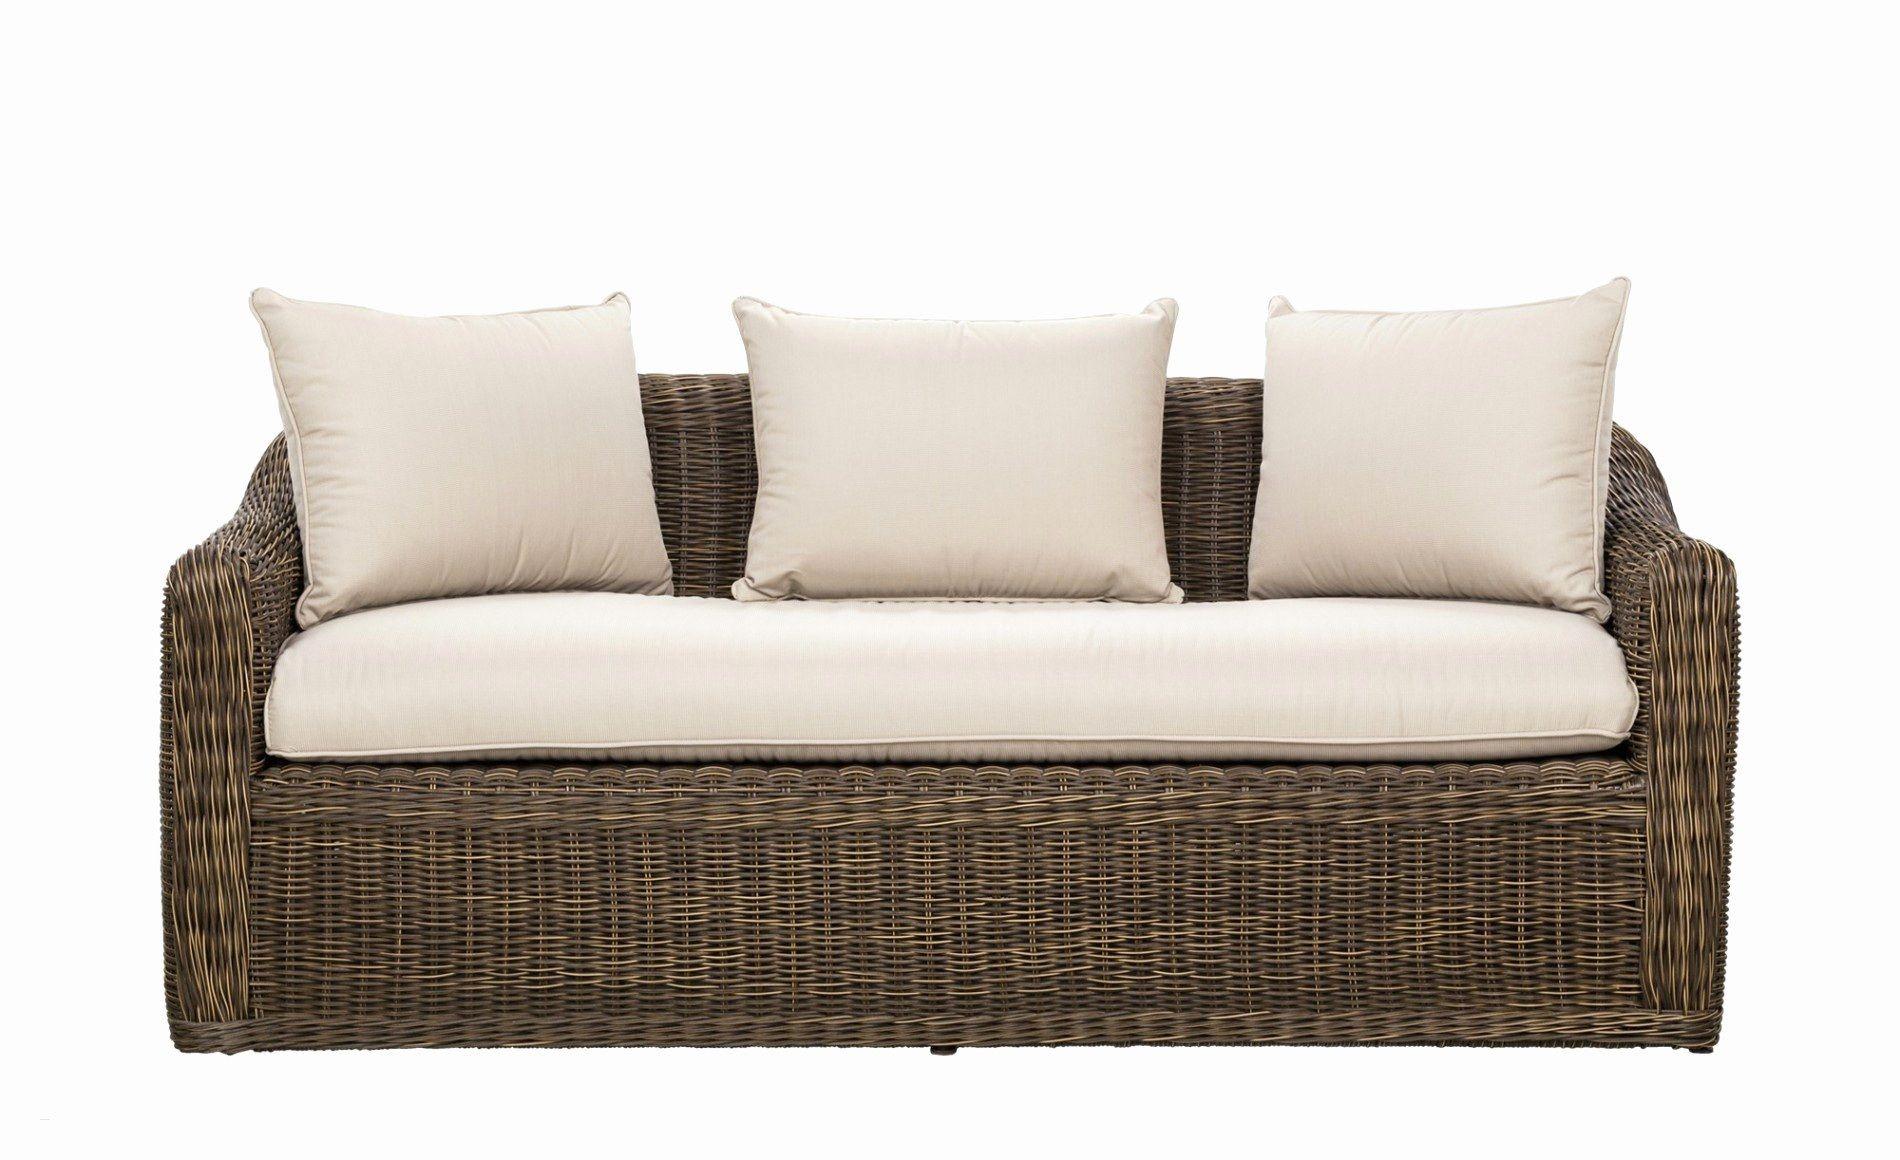 Enchanting 14 comfortable whole head pillow pictures indoor outdoor patio best wicker outdoor sofa 0d